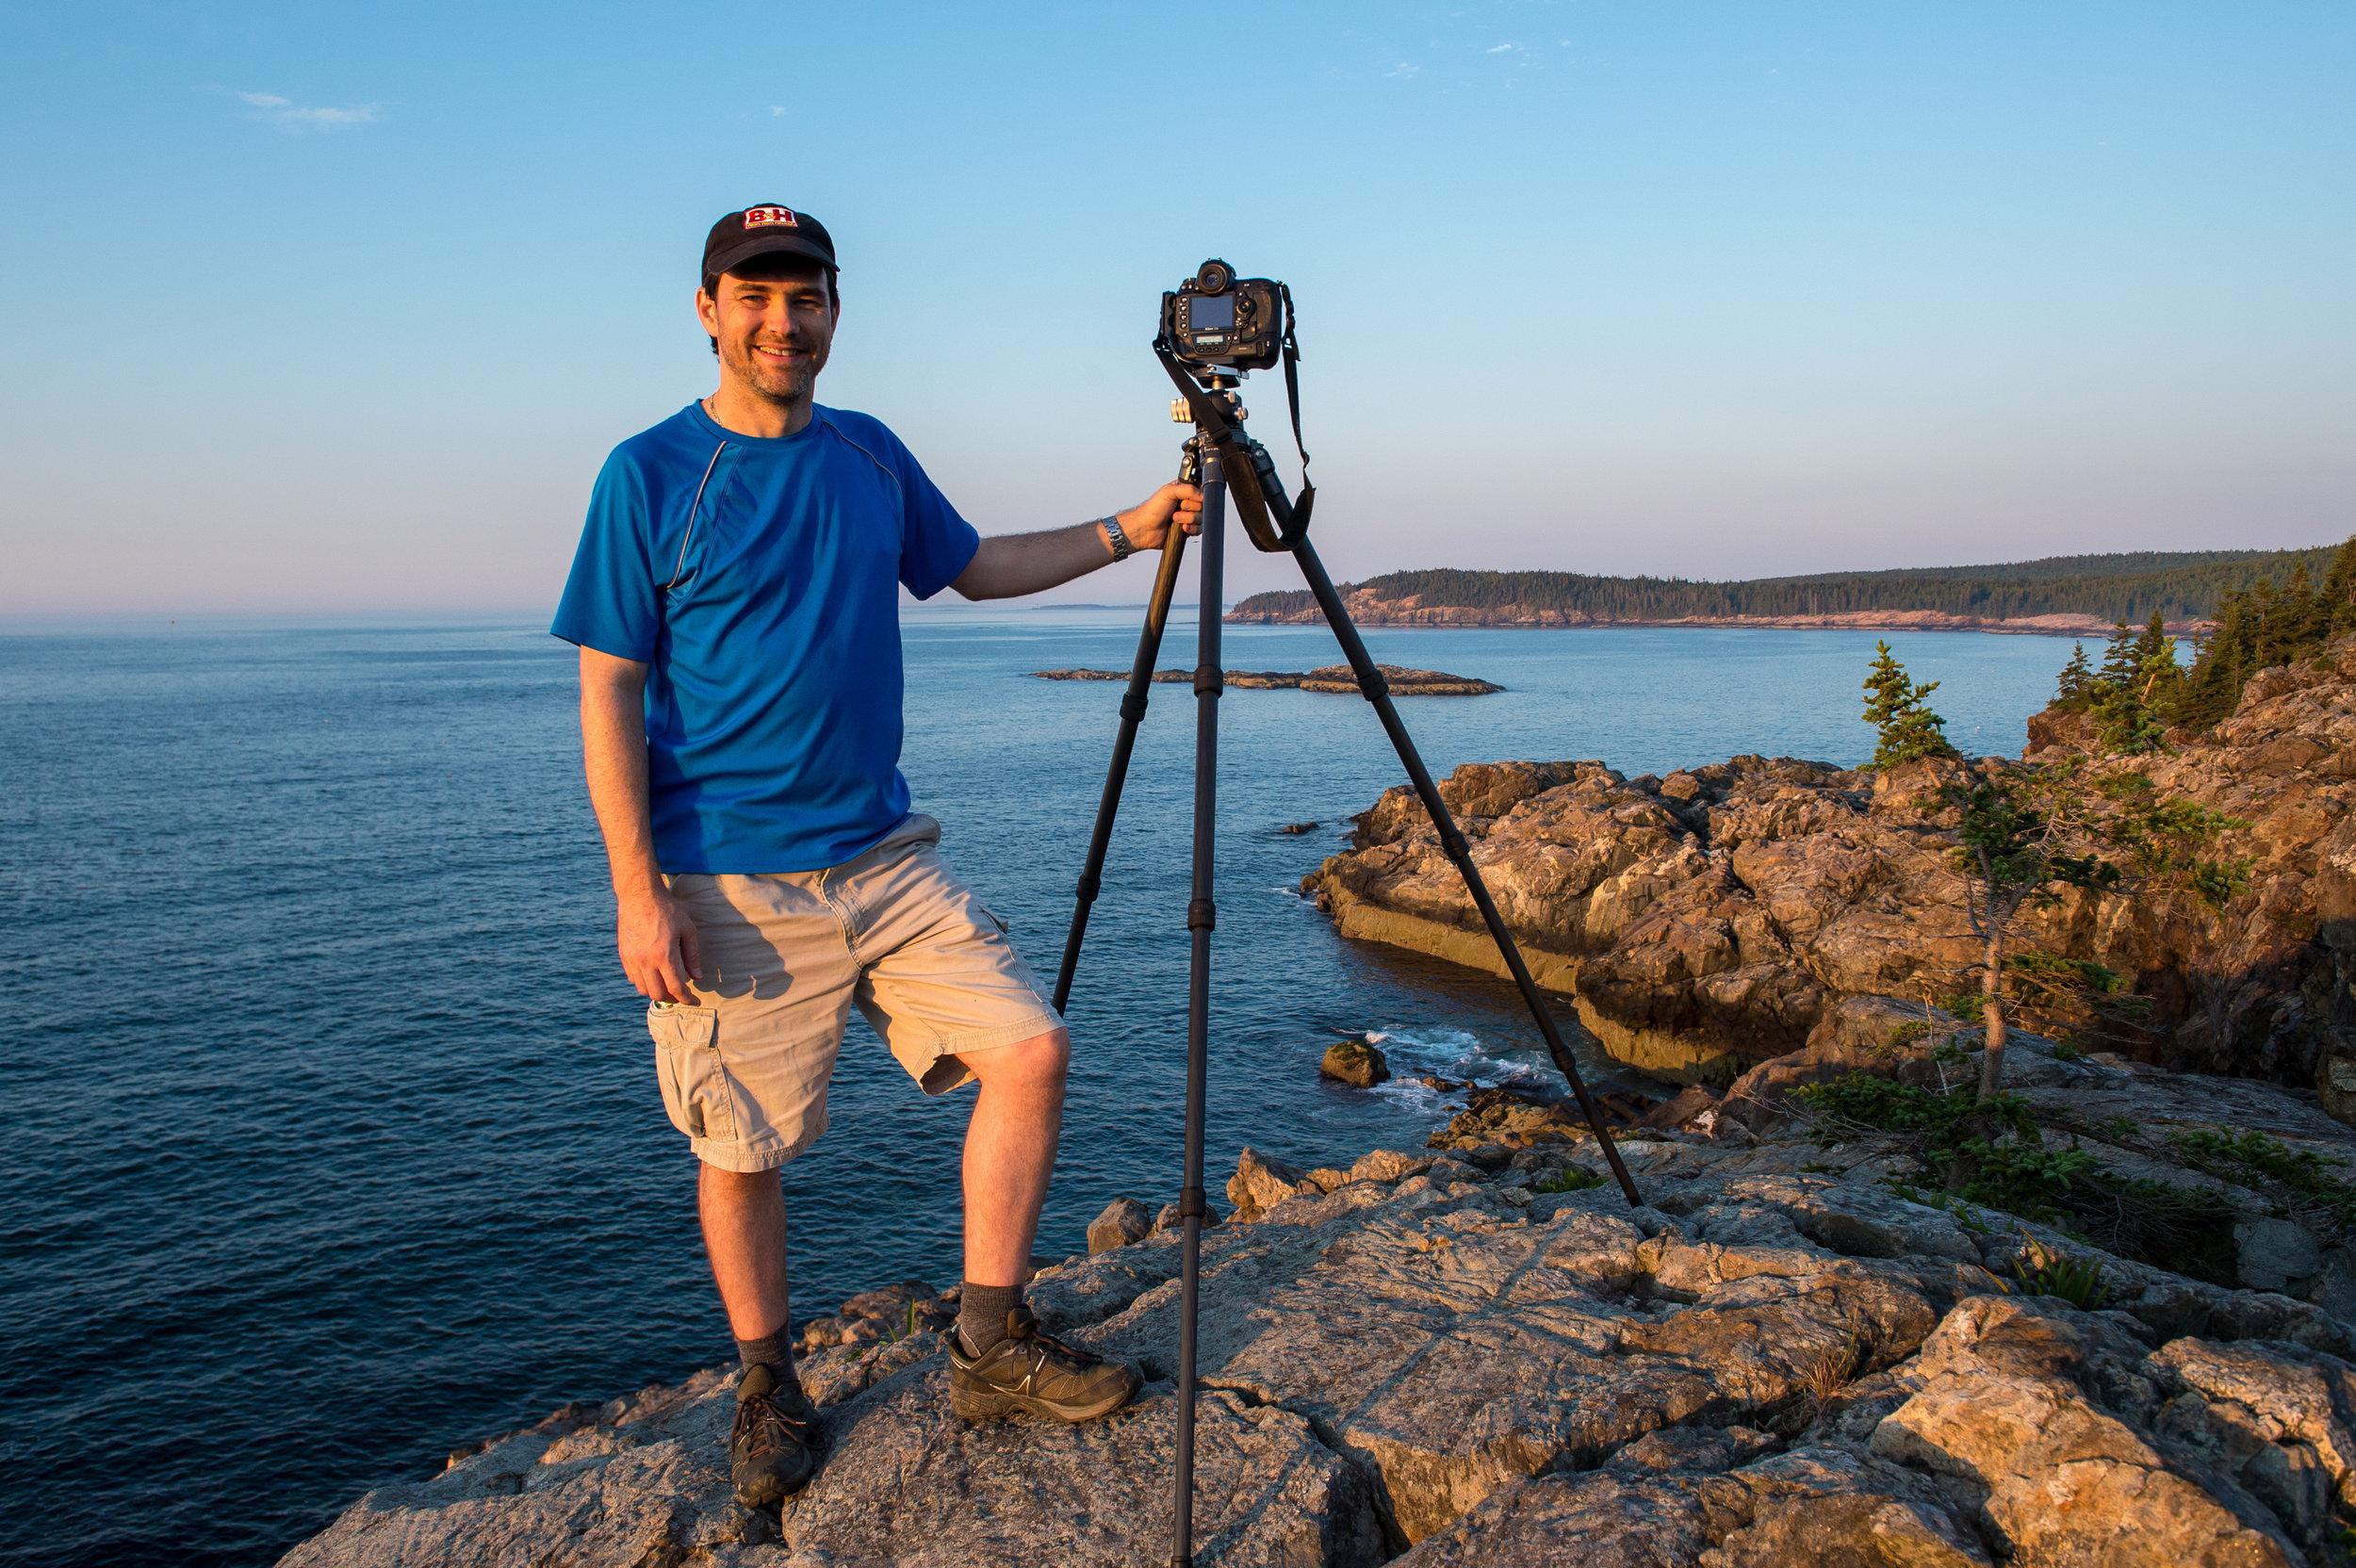 Acadia National Park in Mount Desert Island, ME on Wednesday, Jul 29, 2015. .by Steven Ryan